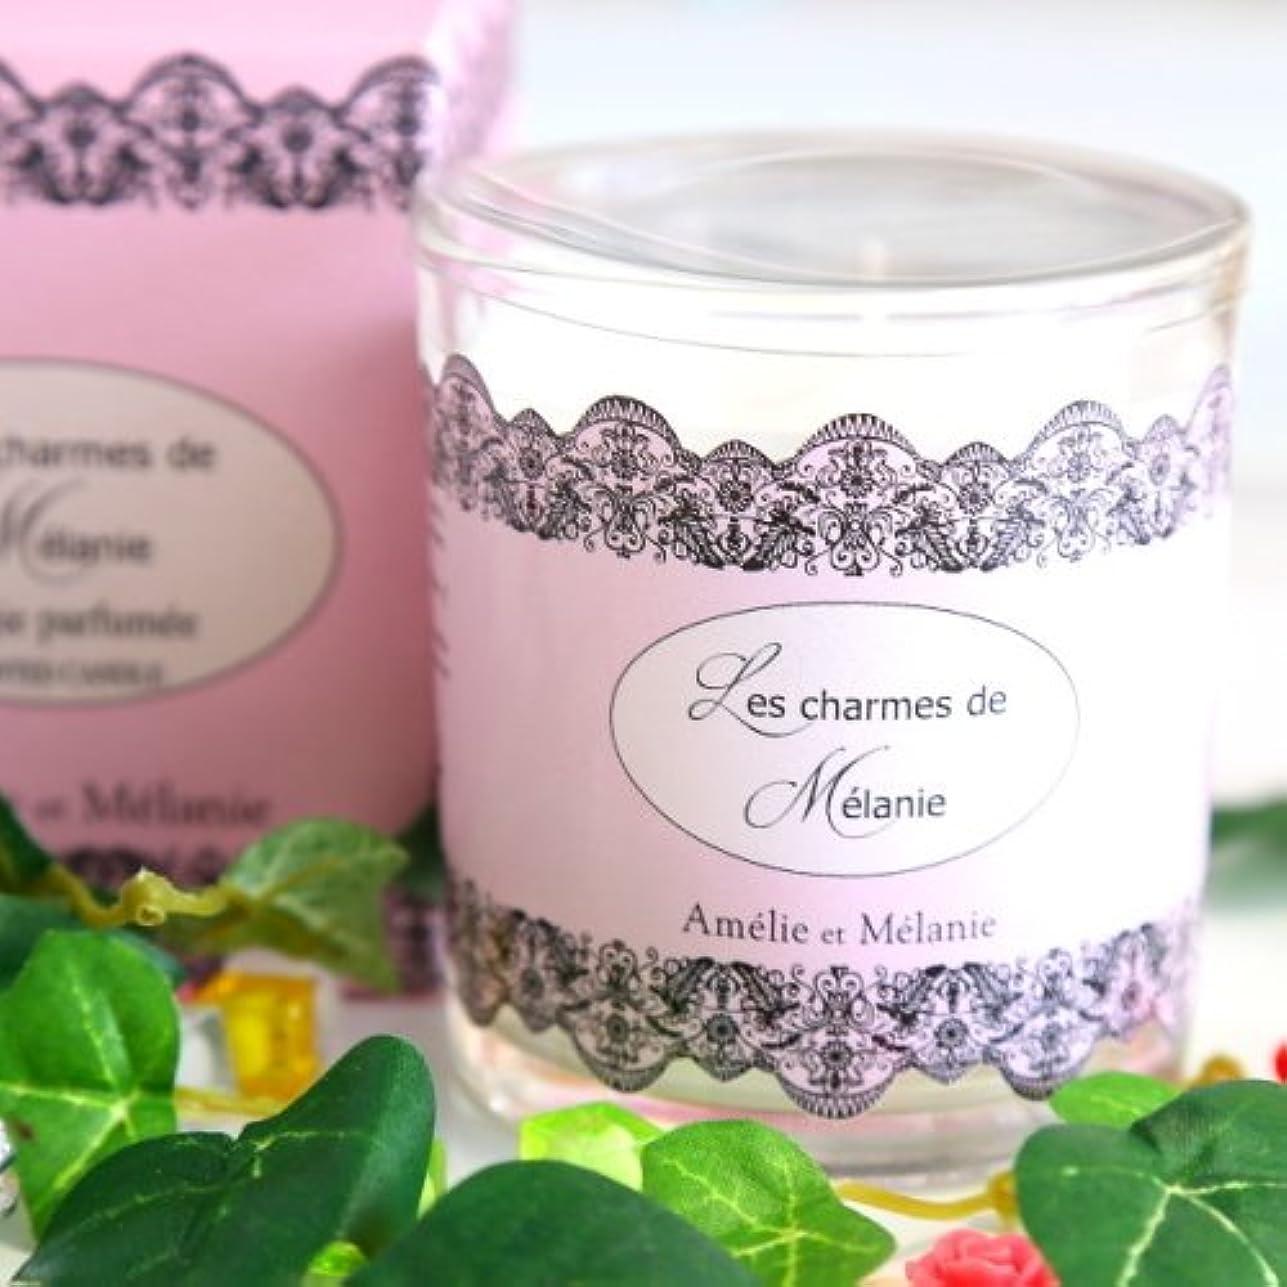 成熟した通行料金昼寝アメリー&メラニー シャルムドゥメラニー グラスキャンドル 140g フレッシュフローラルな香り